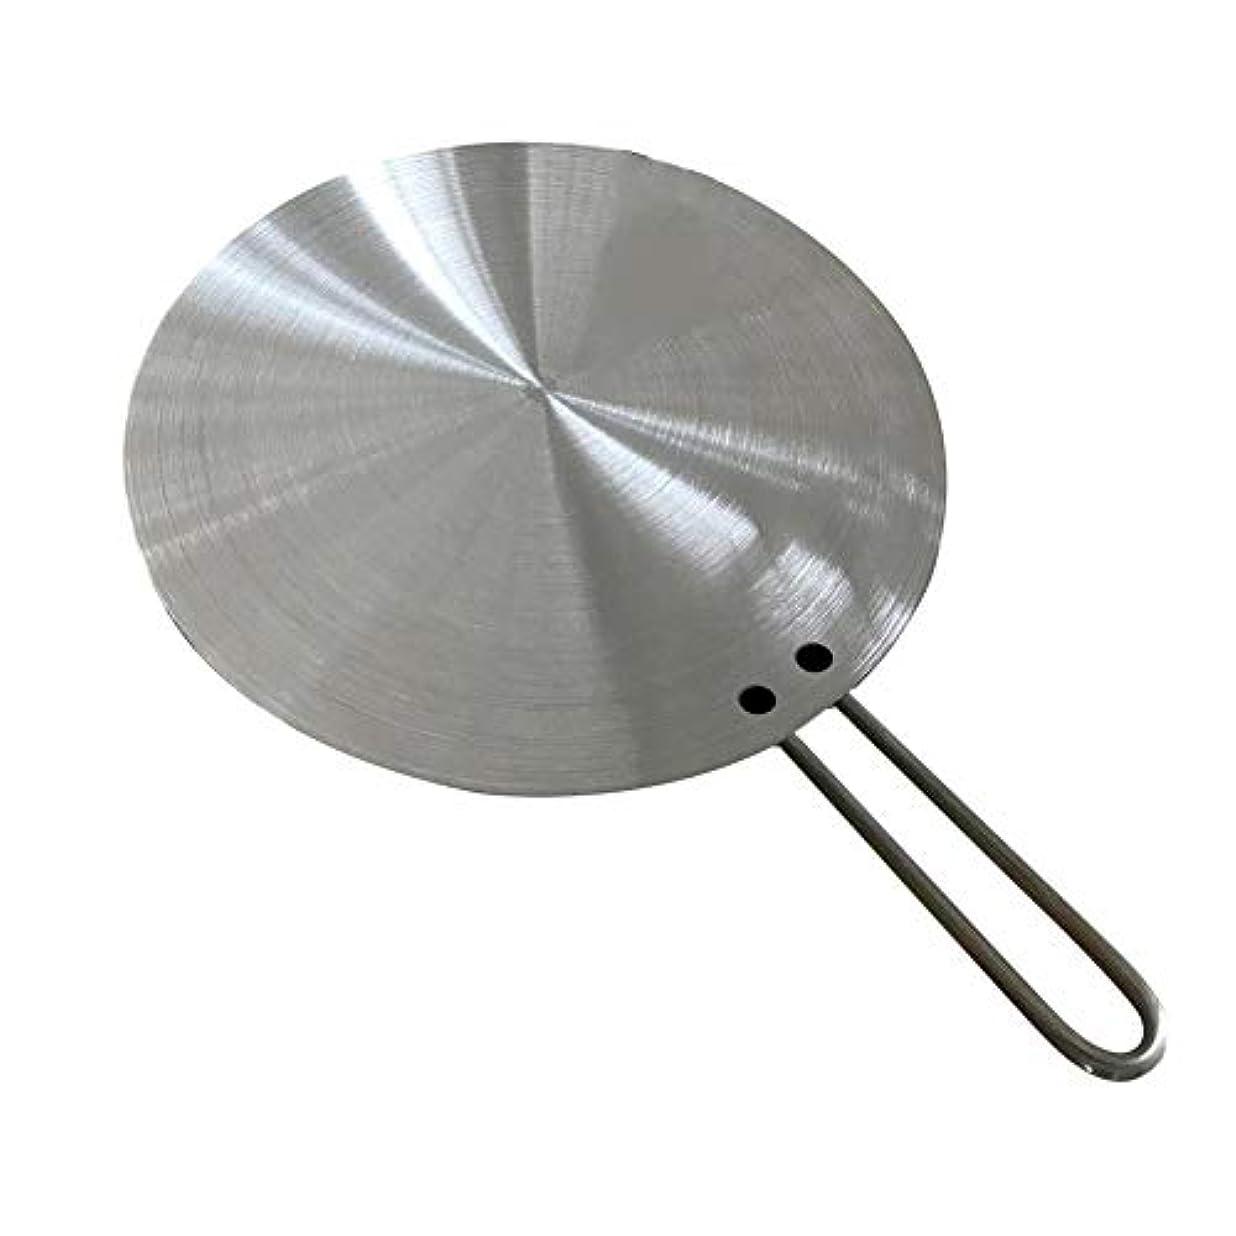 盲信デジタル服を着るインチ 熱ディフューザー ステンレススチール 誘導ディフューザープレート 電気ガスストーブ ガラス誘導調理台 熱ディフューザー